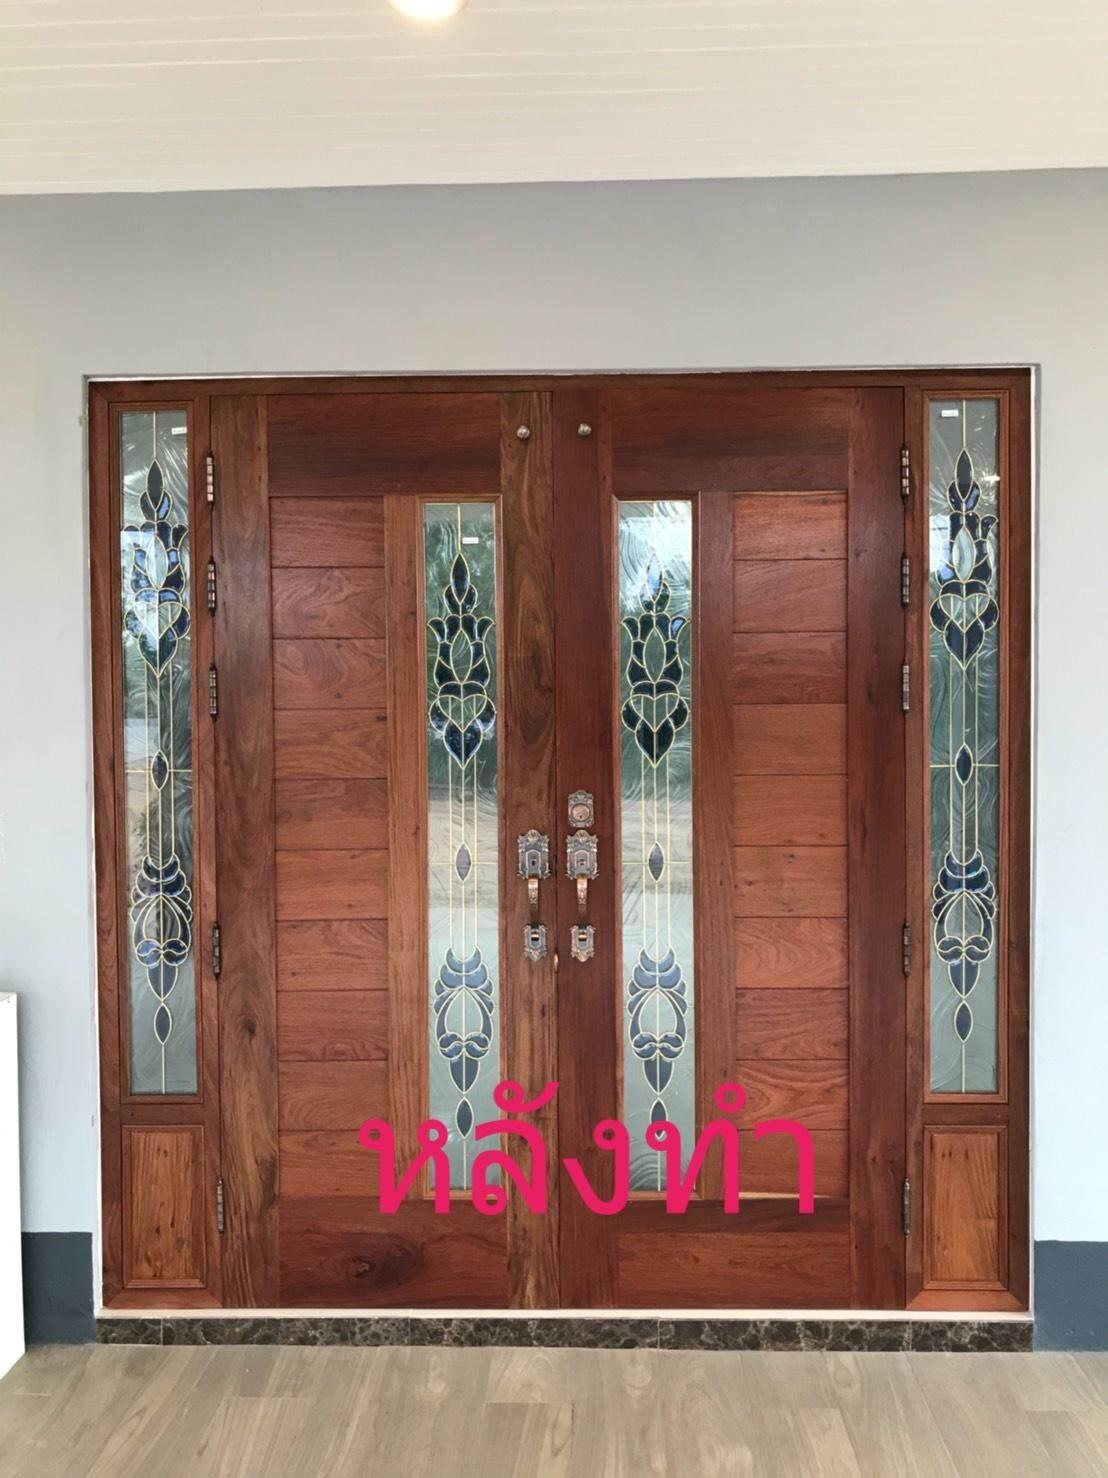 ประตูไม้ประดู่เก่า  ใส่กระจกสีน้ำเงิน  มีกระจกด้านข้าง  ครบชุด.